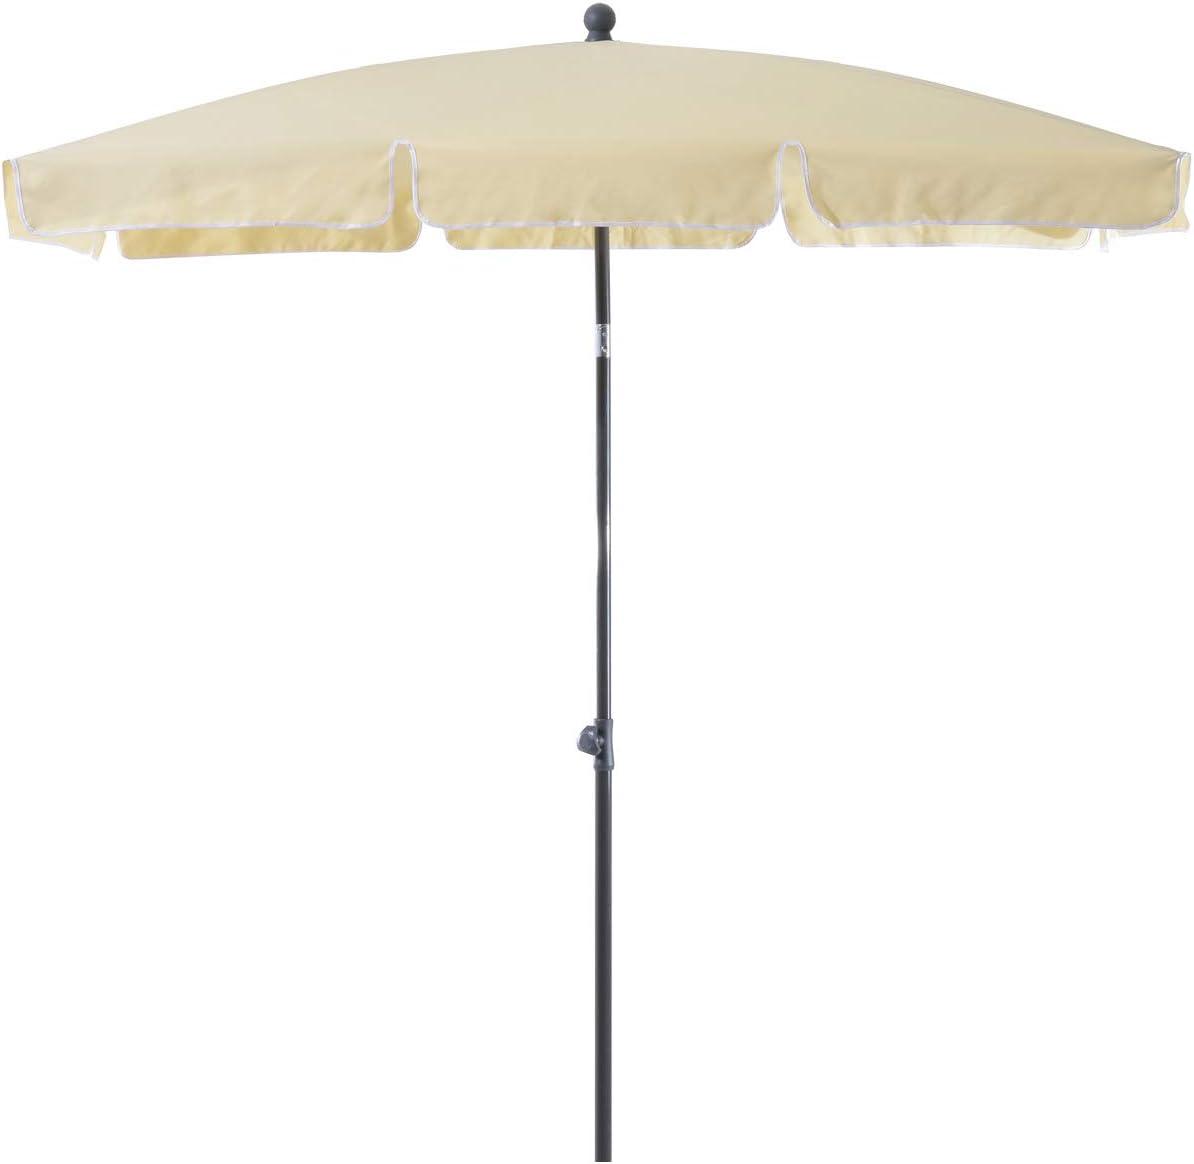 Outsunny Ombrellone Parasole Rettangolare con Palo Inclinabile Giardino e Spiaggia Poliestere 200 /× 125 /× 235cm Crema